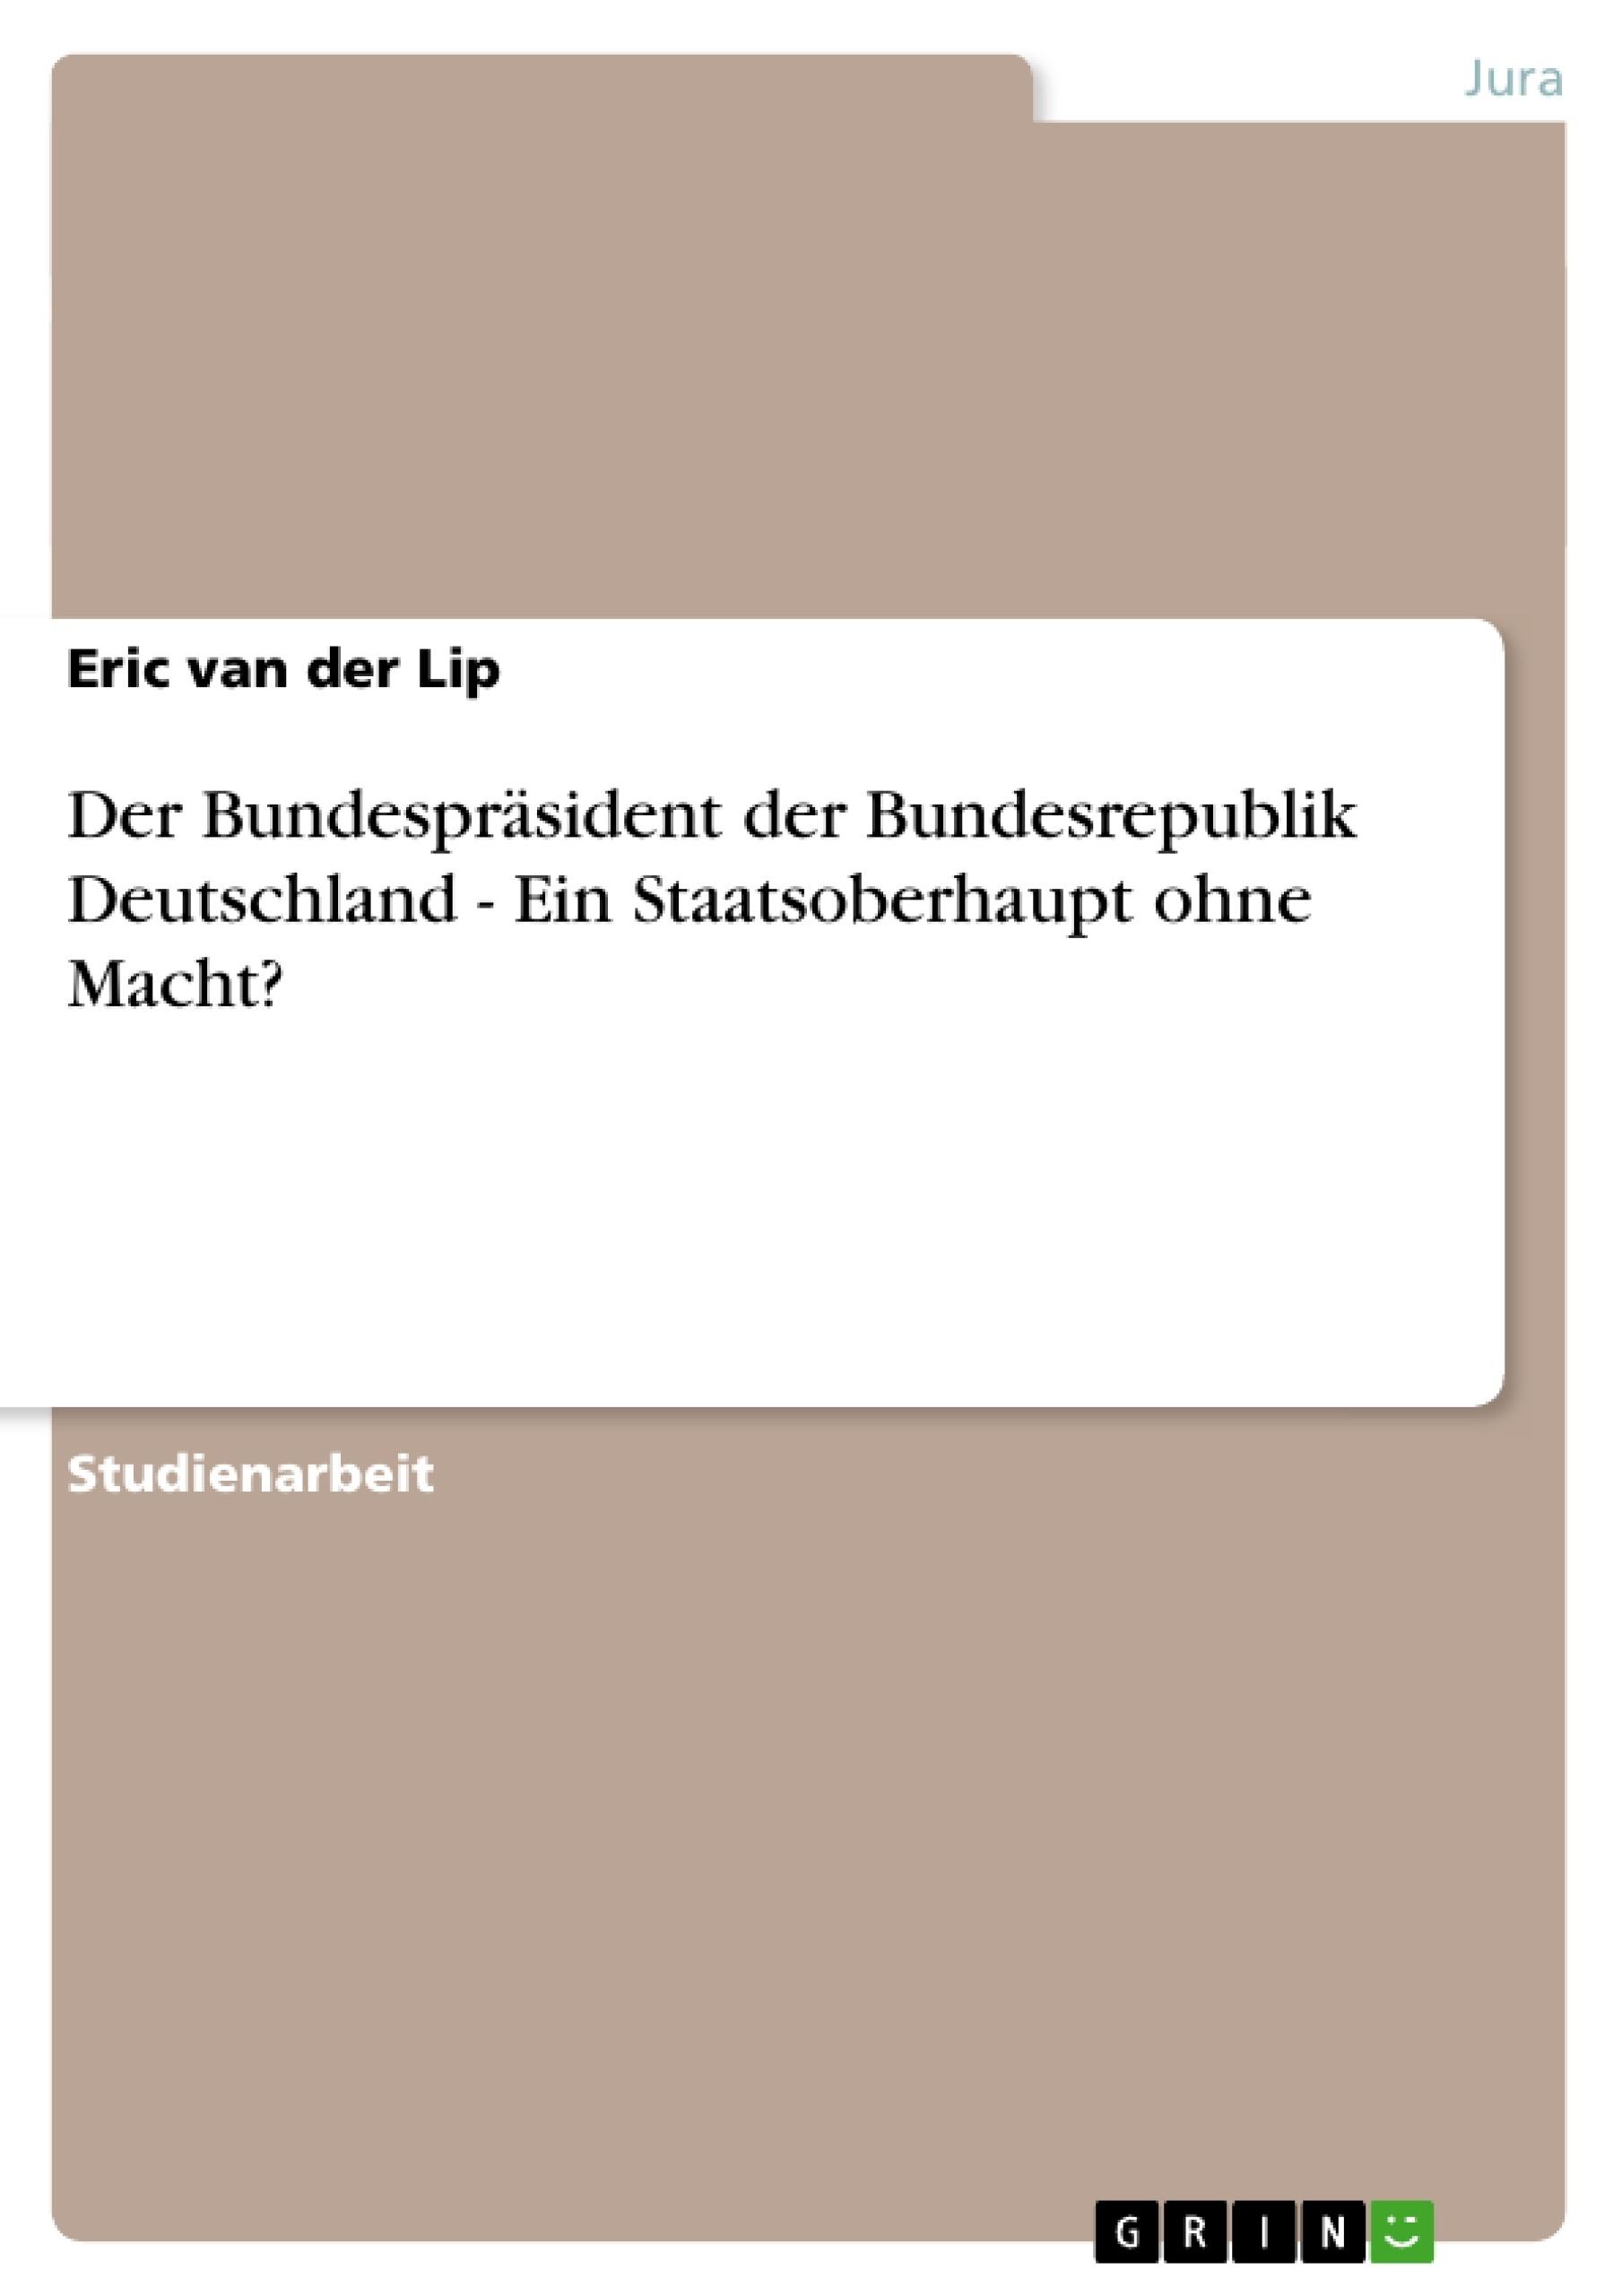 Titel: Der Bundespräsident der Bundesrepublik Deutschland - Ein Staatsoberhaupt ohne Macht?